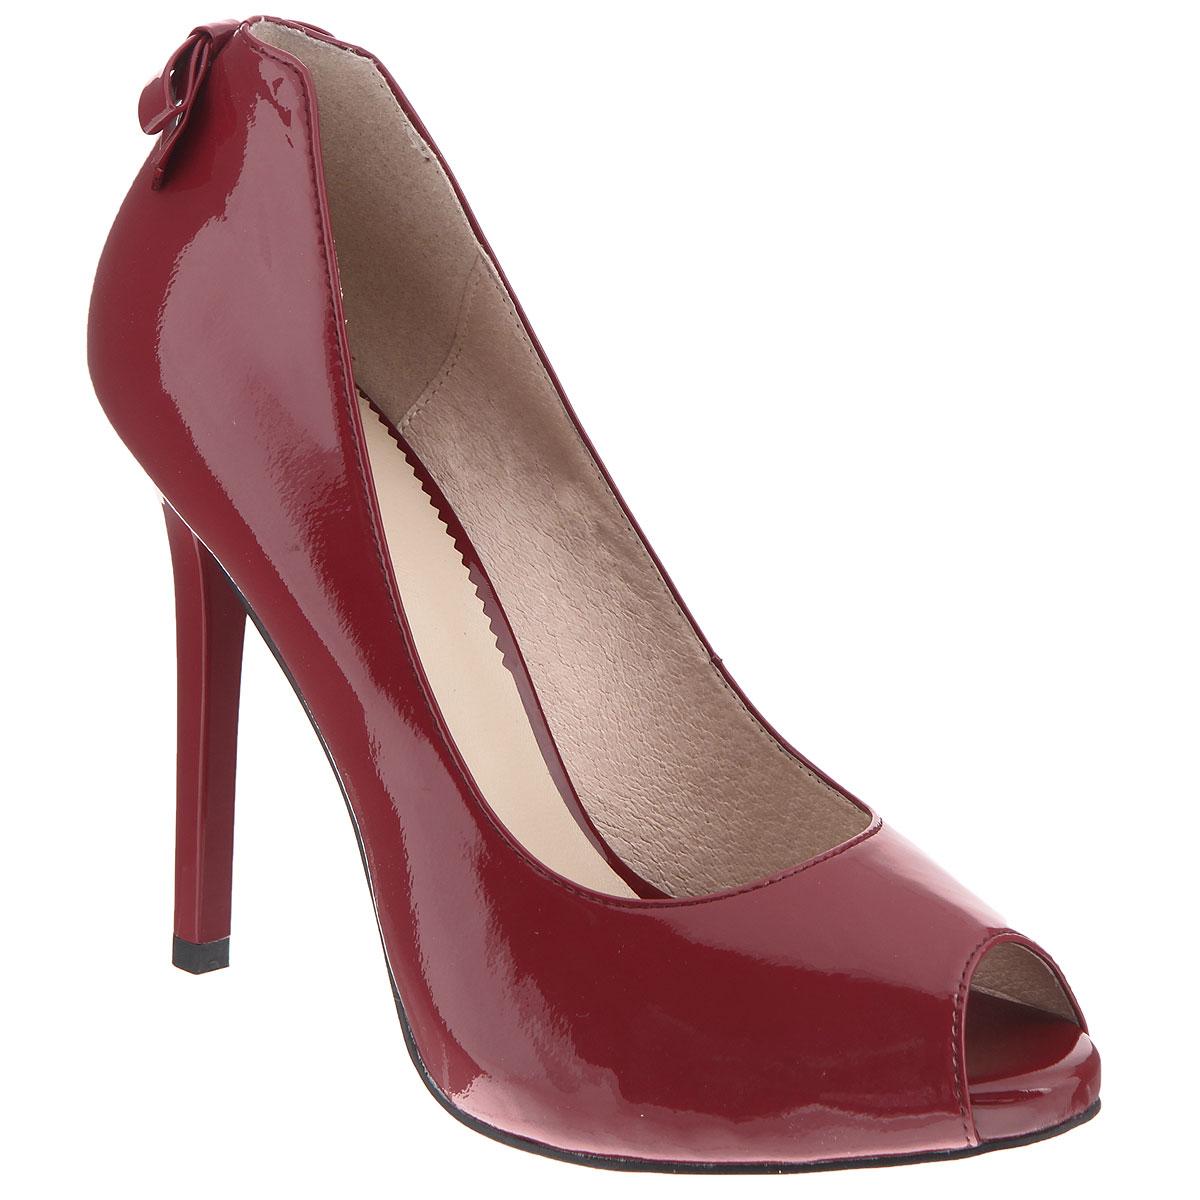 Туфли женские. CZL133-106DCZL133-106DЖенские туфли на шпильке от Lisette прекрасно подчеркнут ваш стиль. Верх модели выполнен из натуральной лакированной кожи. Внутренняя часть и стелька из натуральной кожи гарантируют комфорт и удобство при ходьбе. Открытый носок добавляет женственности в образ. Модель декорирована на пятке небольшим бантиком. Высоту каблука компенсирует небольшая платформа. Подошва выполнена из прочной резины с противоскользящим рифлением. Такие туфли станут прекрасным дополнением вашего гардероба. Они сделают вас ярче и подчеркнут вашу индивидуальность!